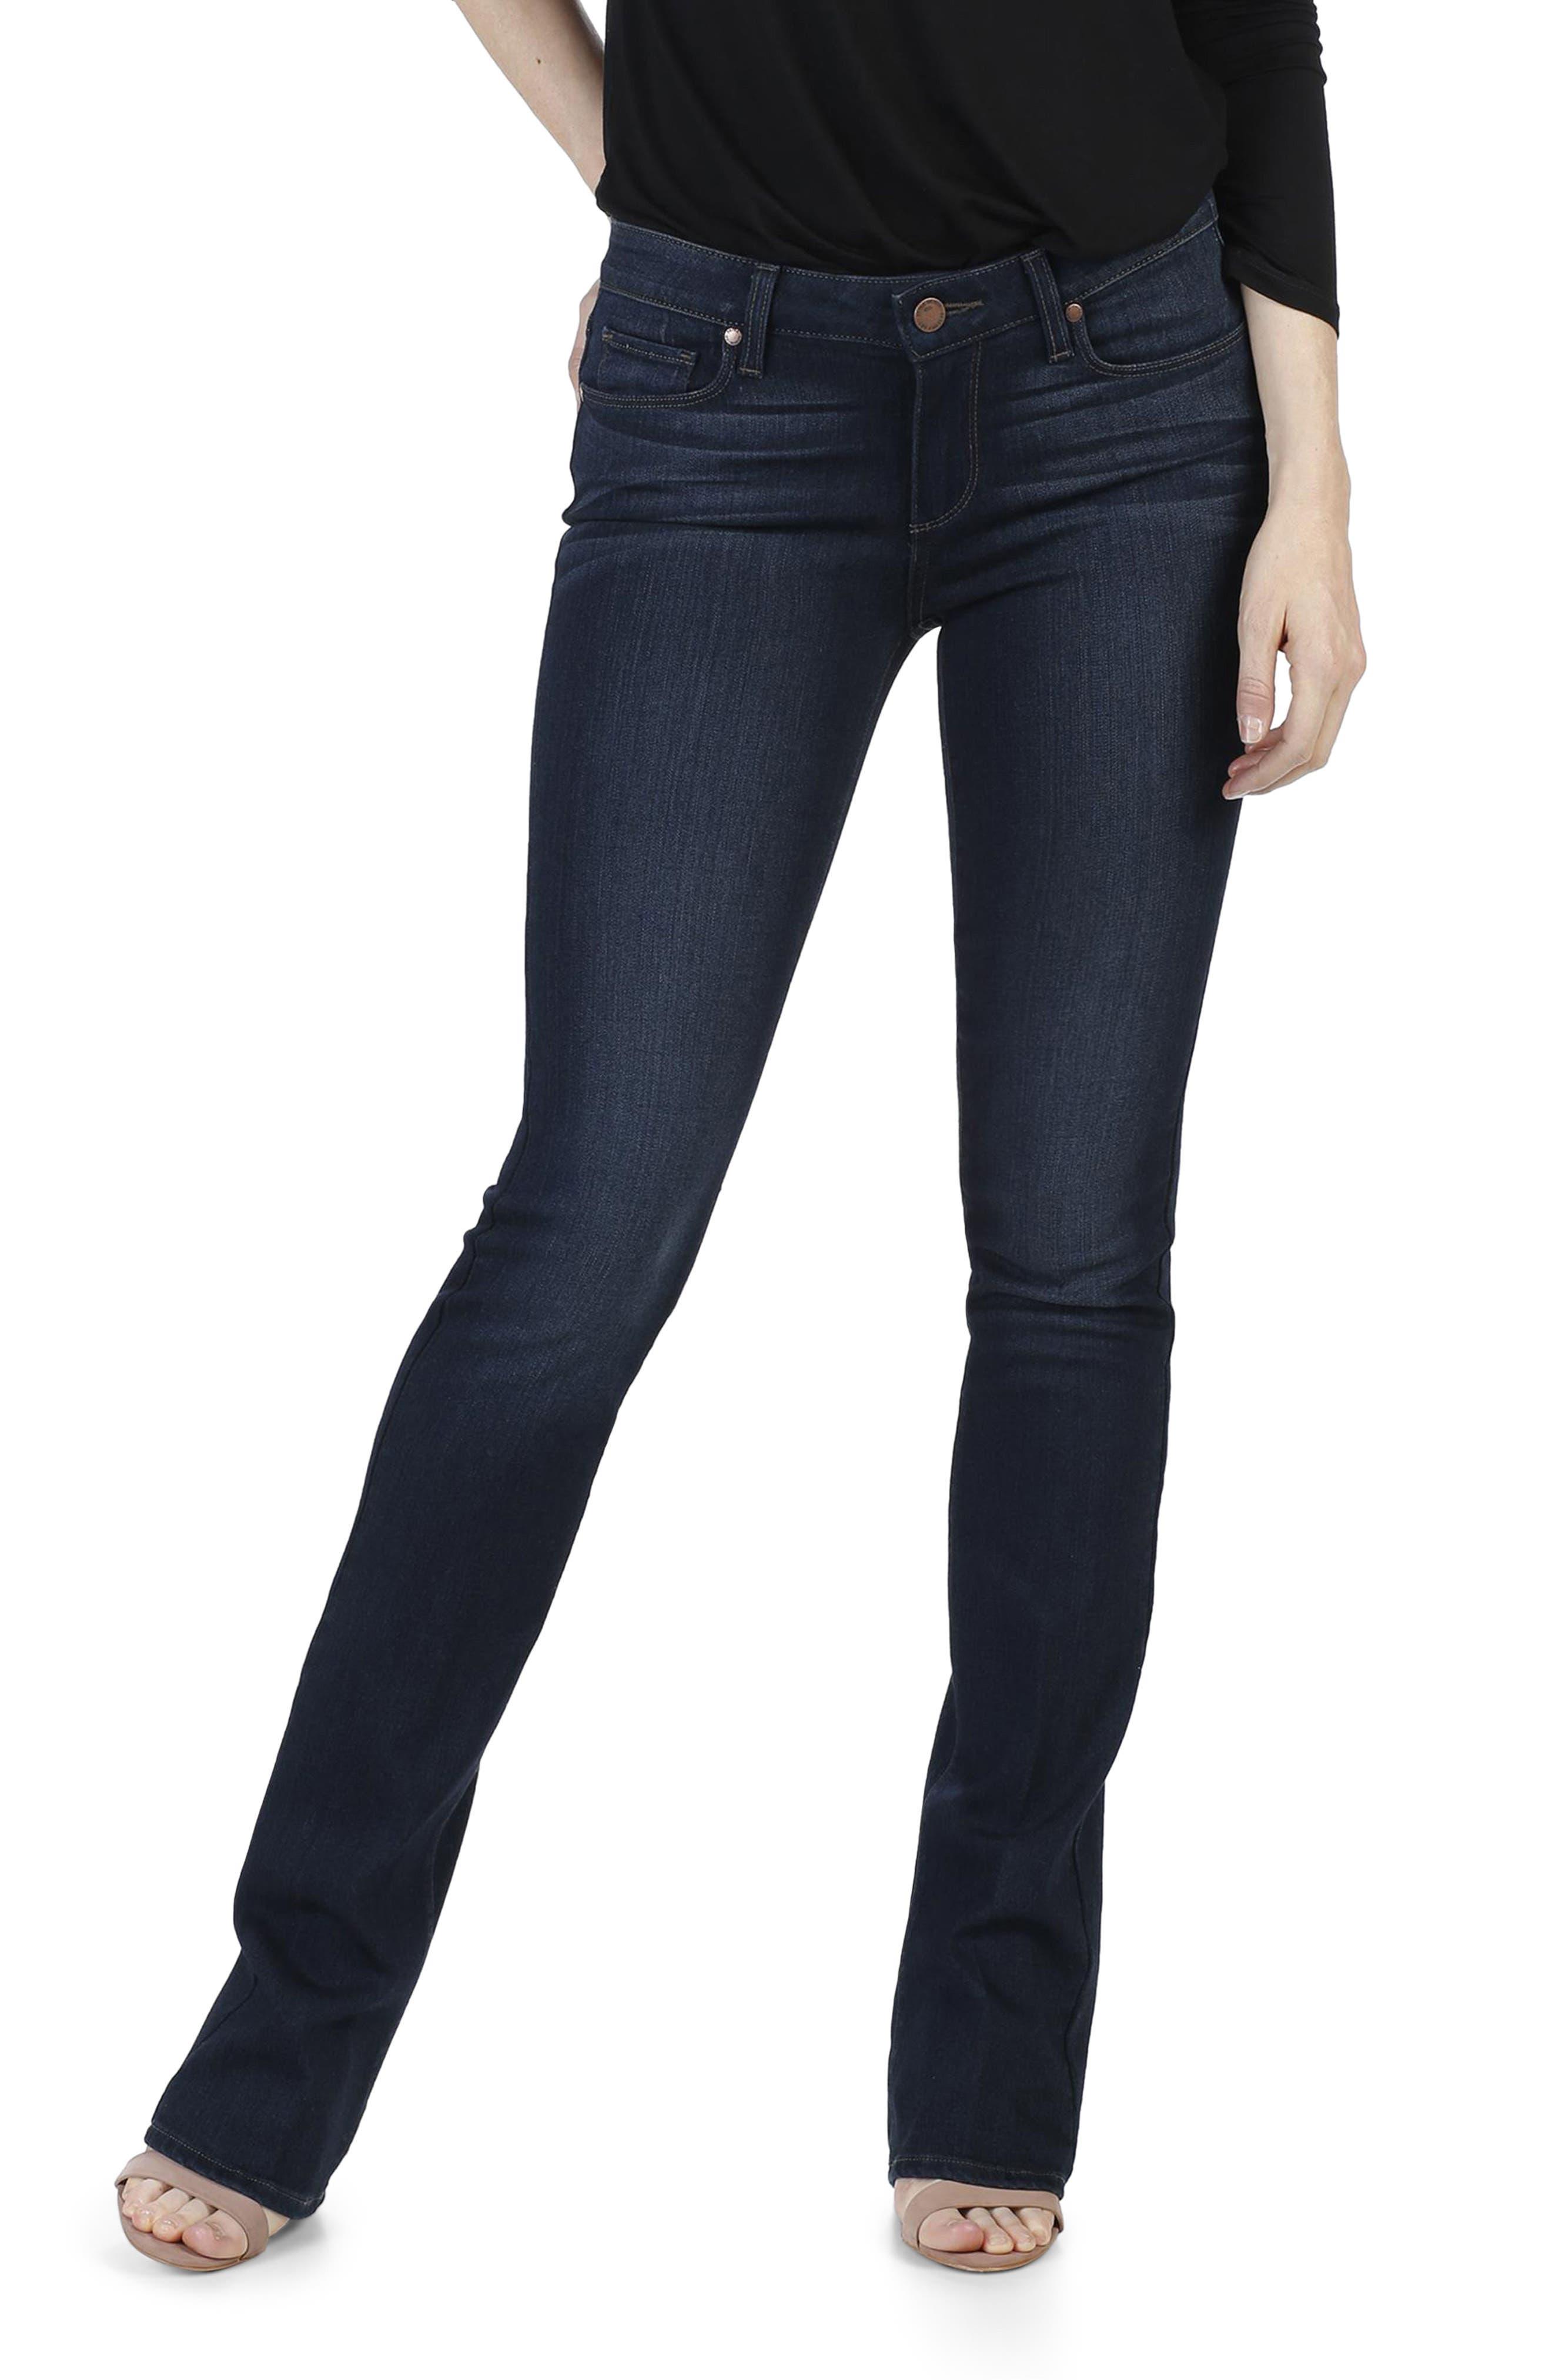 Transcend - Manhattan Bootcut Jeans,                         Main,                         color, Elsie